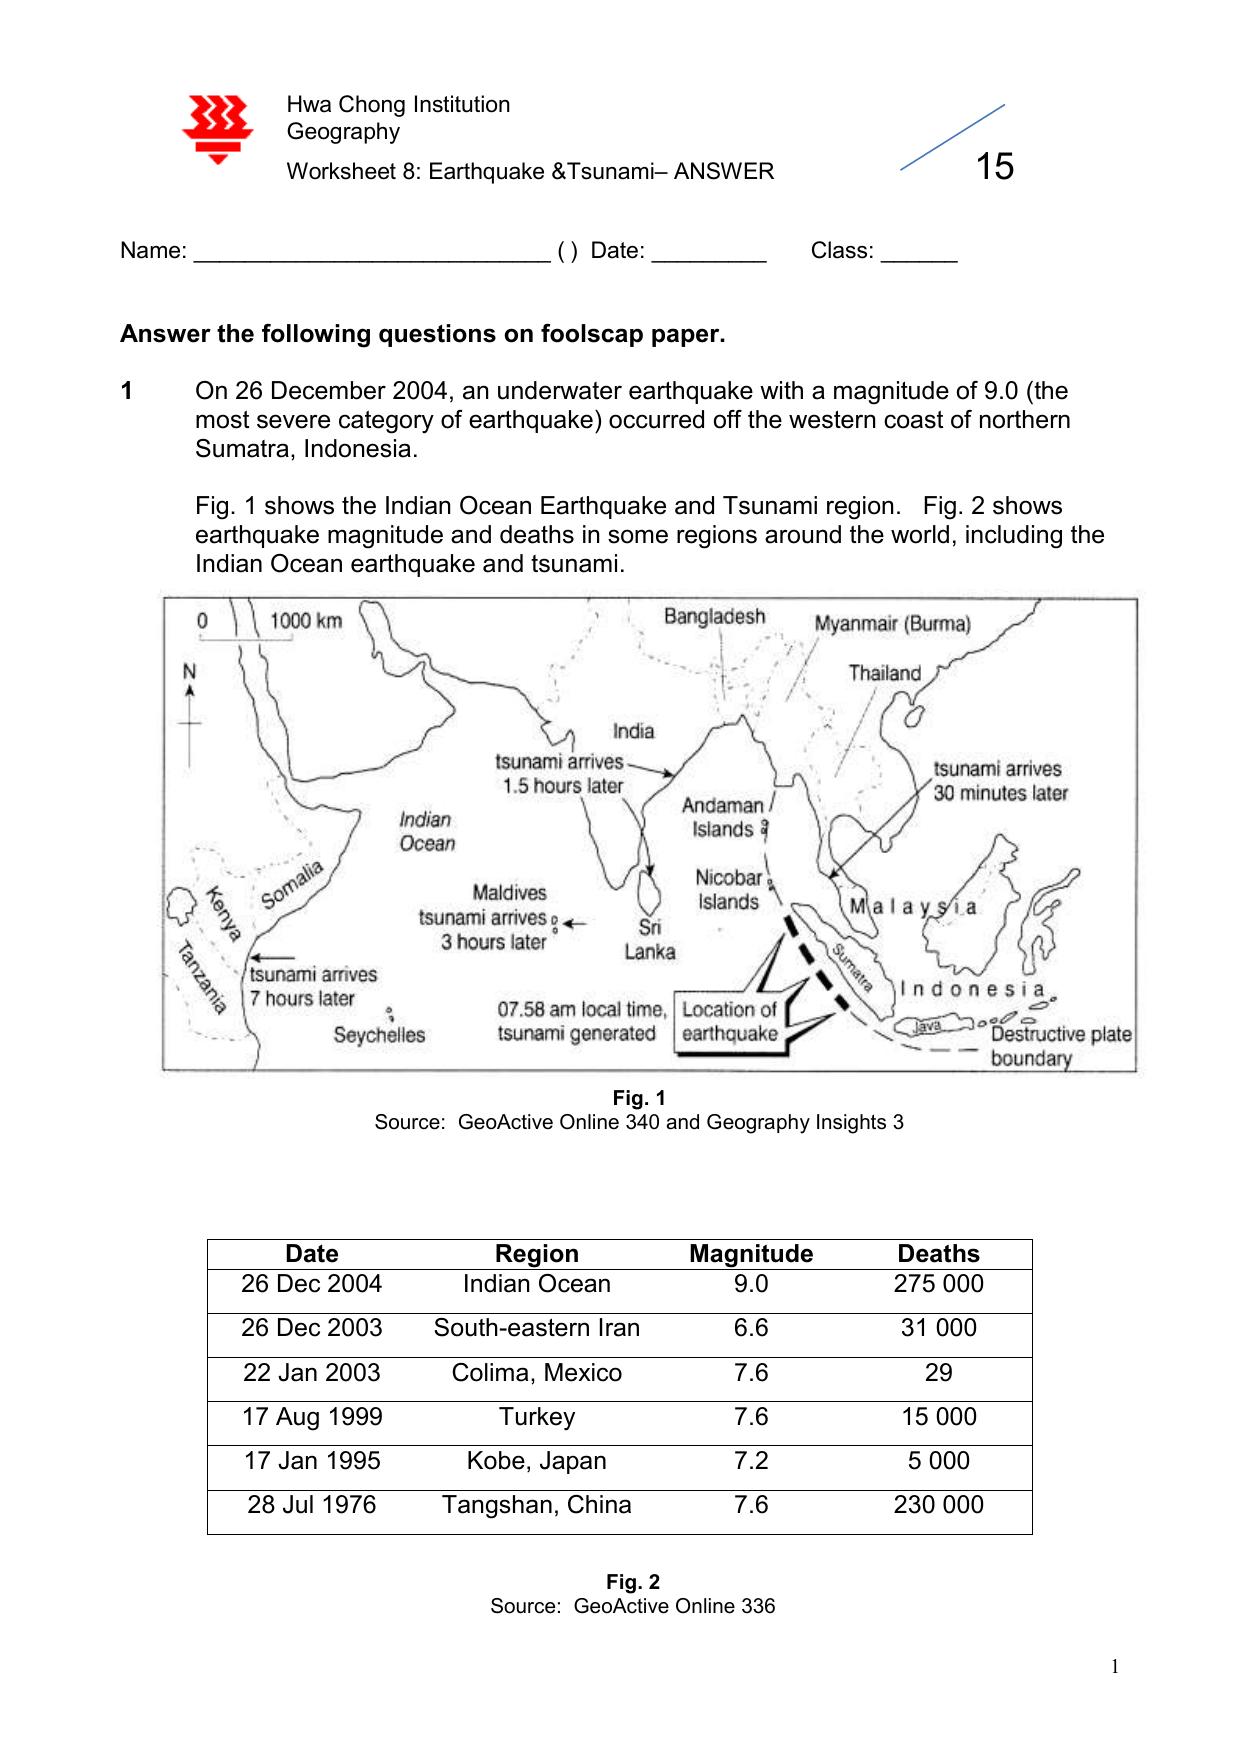 Worksheet 8 Answer Earthquake